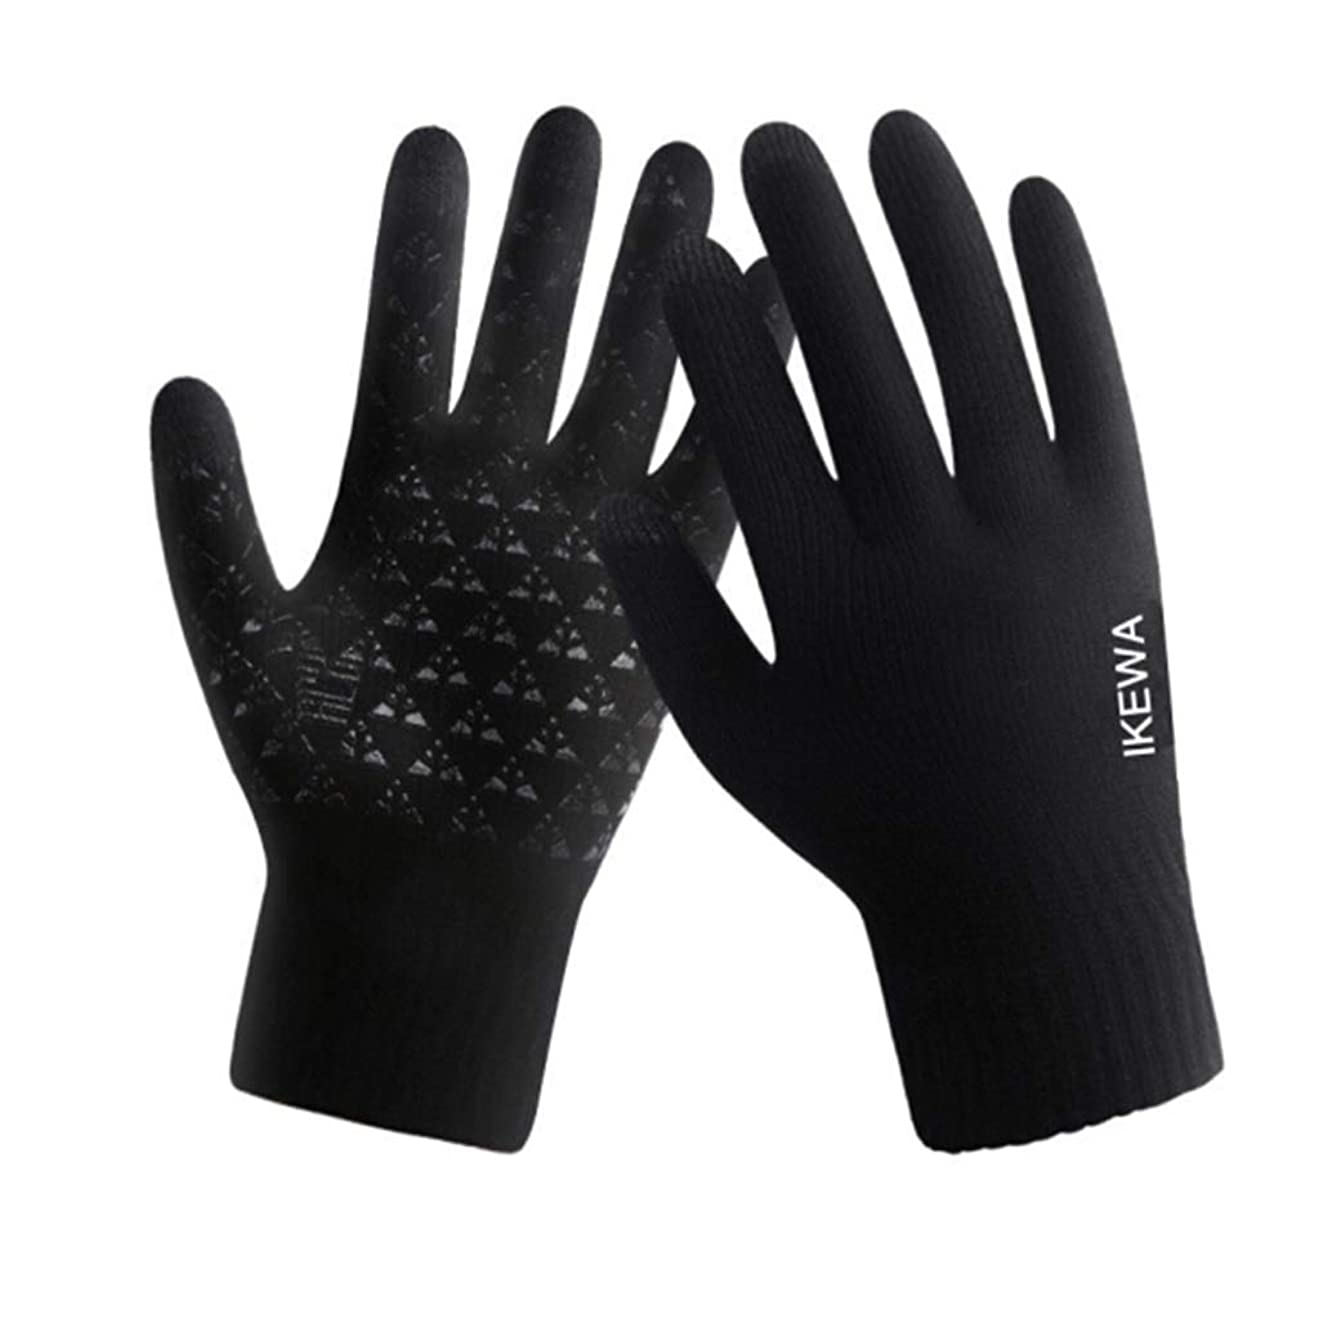 いっぱいラベル可動冬の羊毛の手袋、男性と女性、サイクリング、暖かいニット、タッチスクリーン、5本指の手袋、黒(男性)